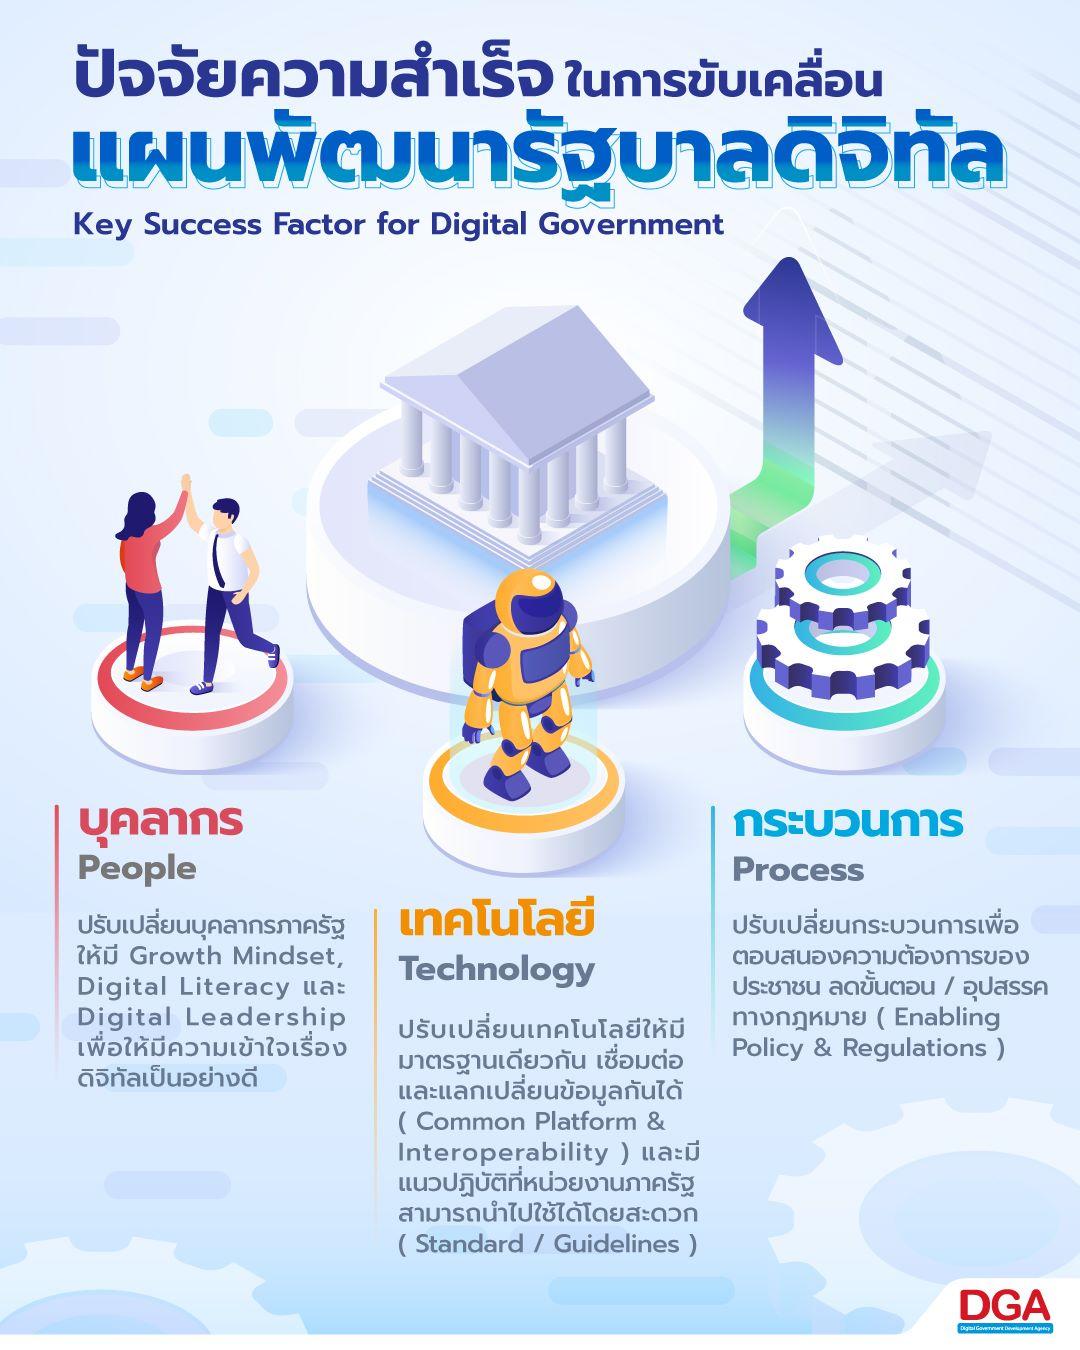 พ.ร.บ. รัฐบาลดิจิทัล Digital Government